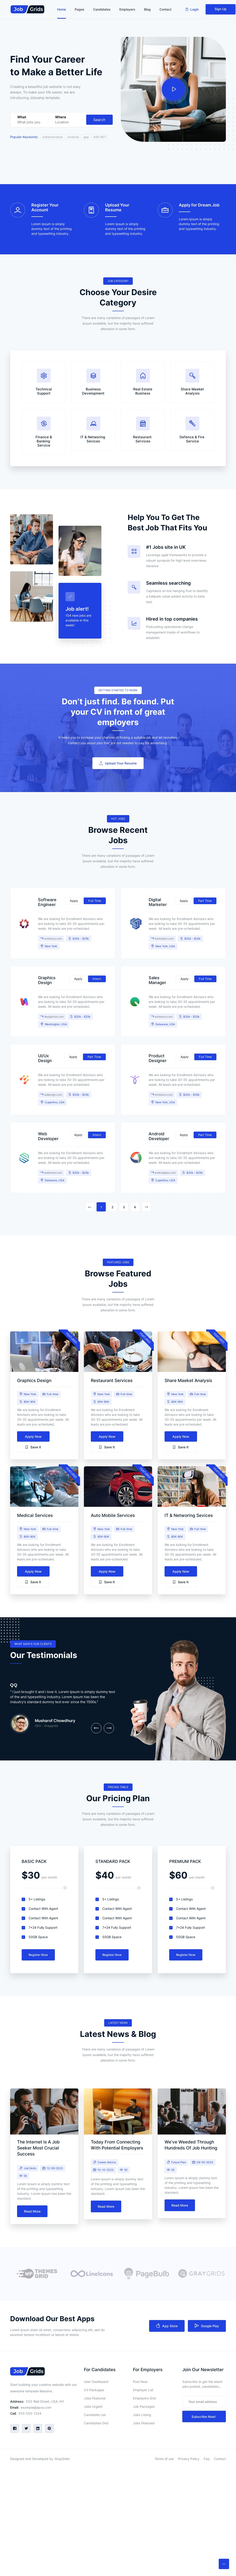 шаблон сайта html css поиск вакансий и работы, карьера, hr, кадры бесплатно